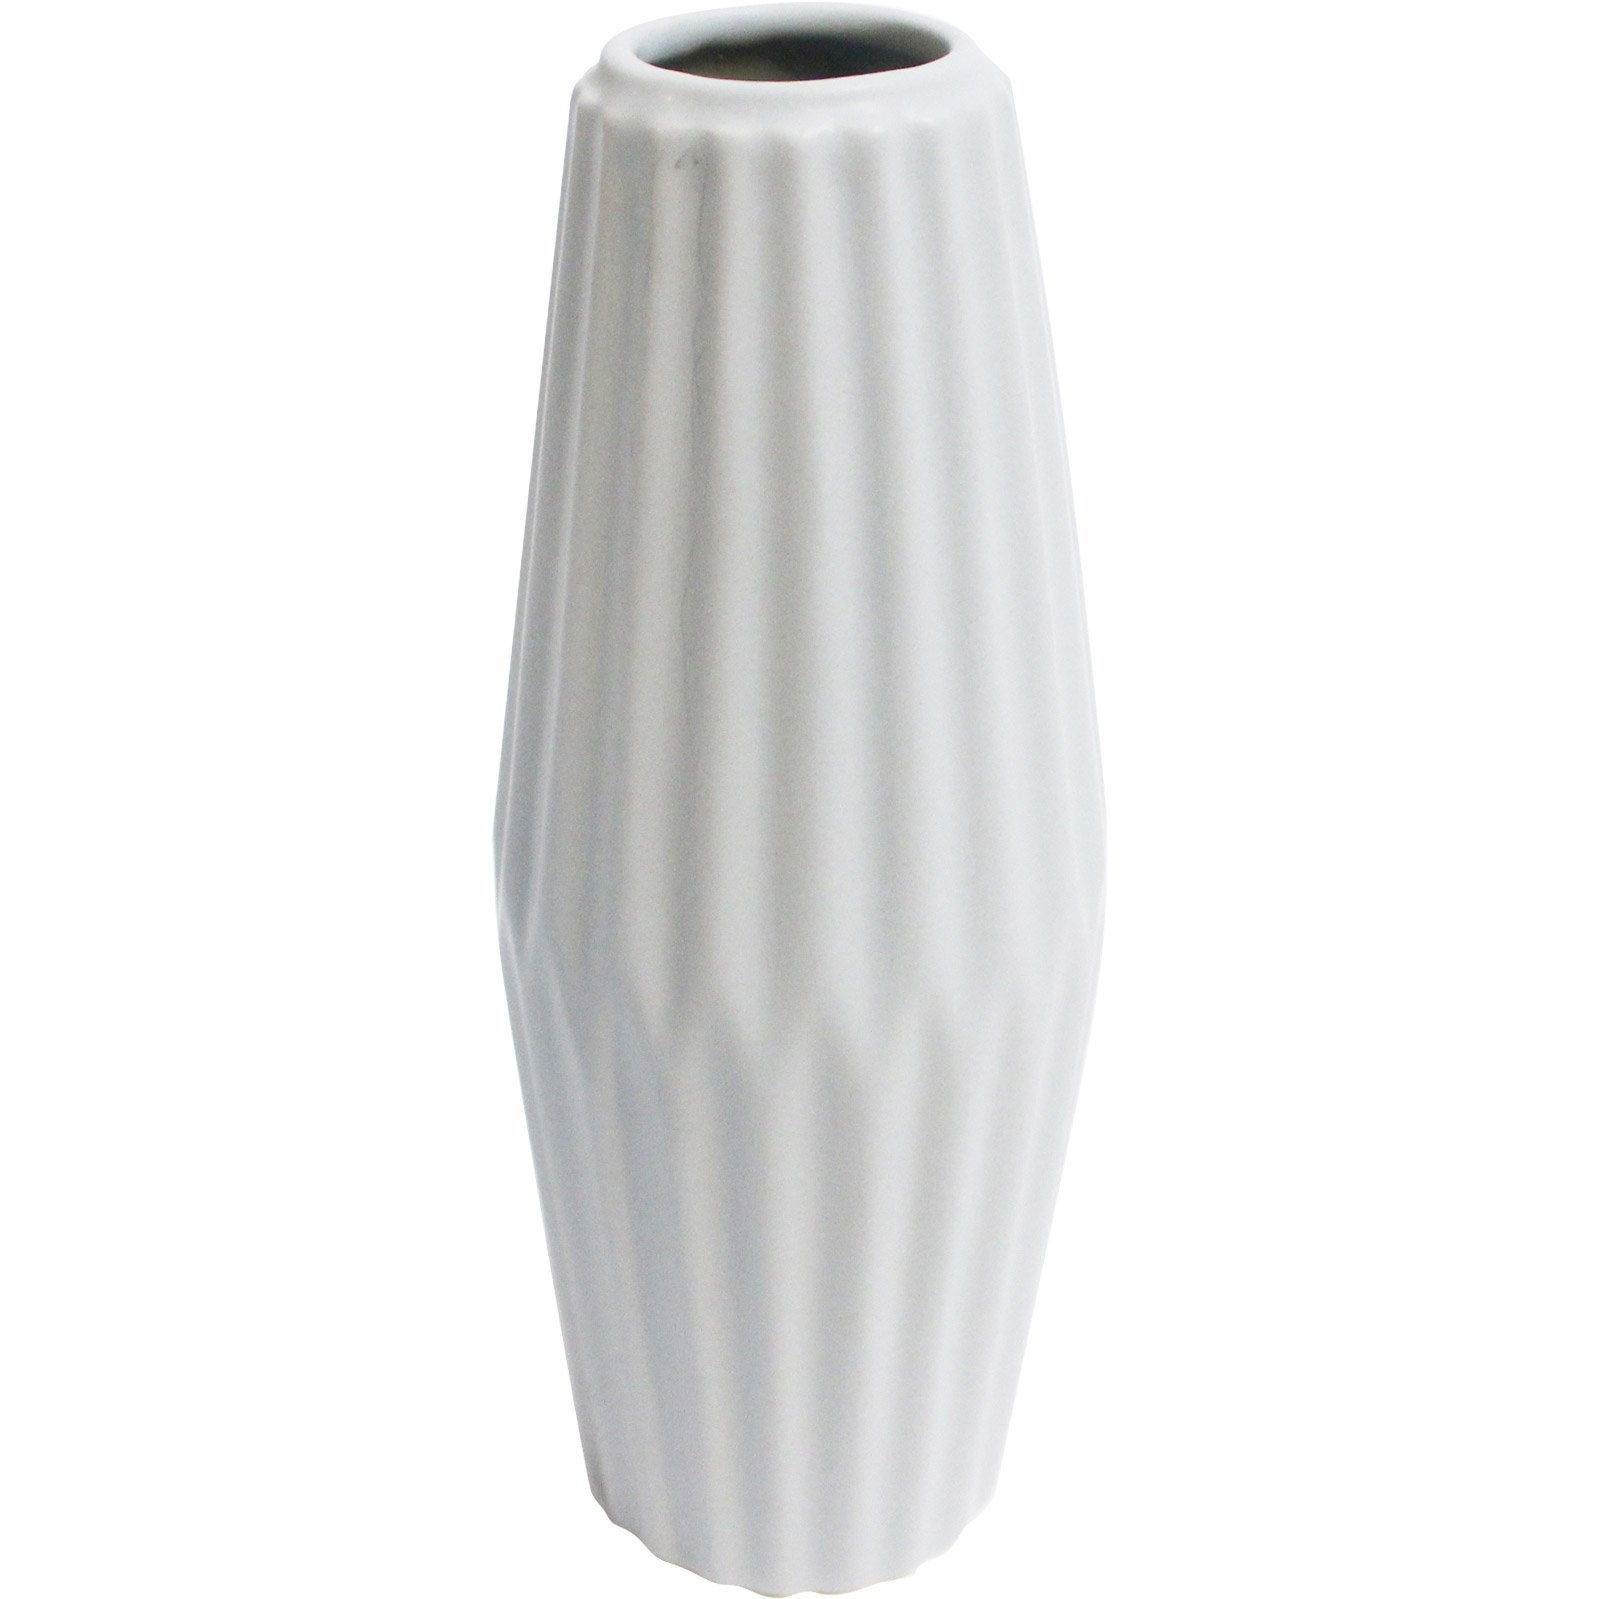 Vase décoratif céramique Strié blanc l.8 x H.21 cm